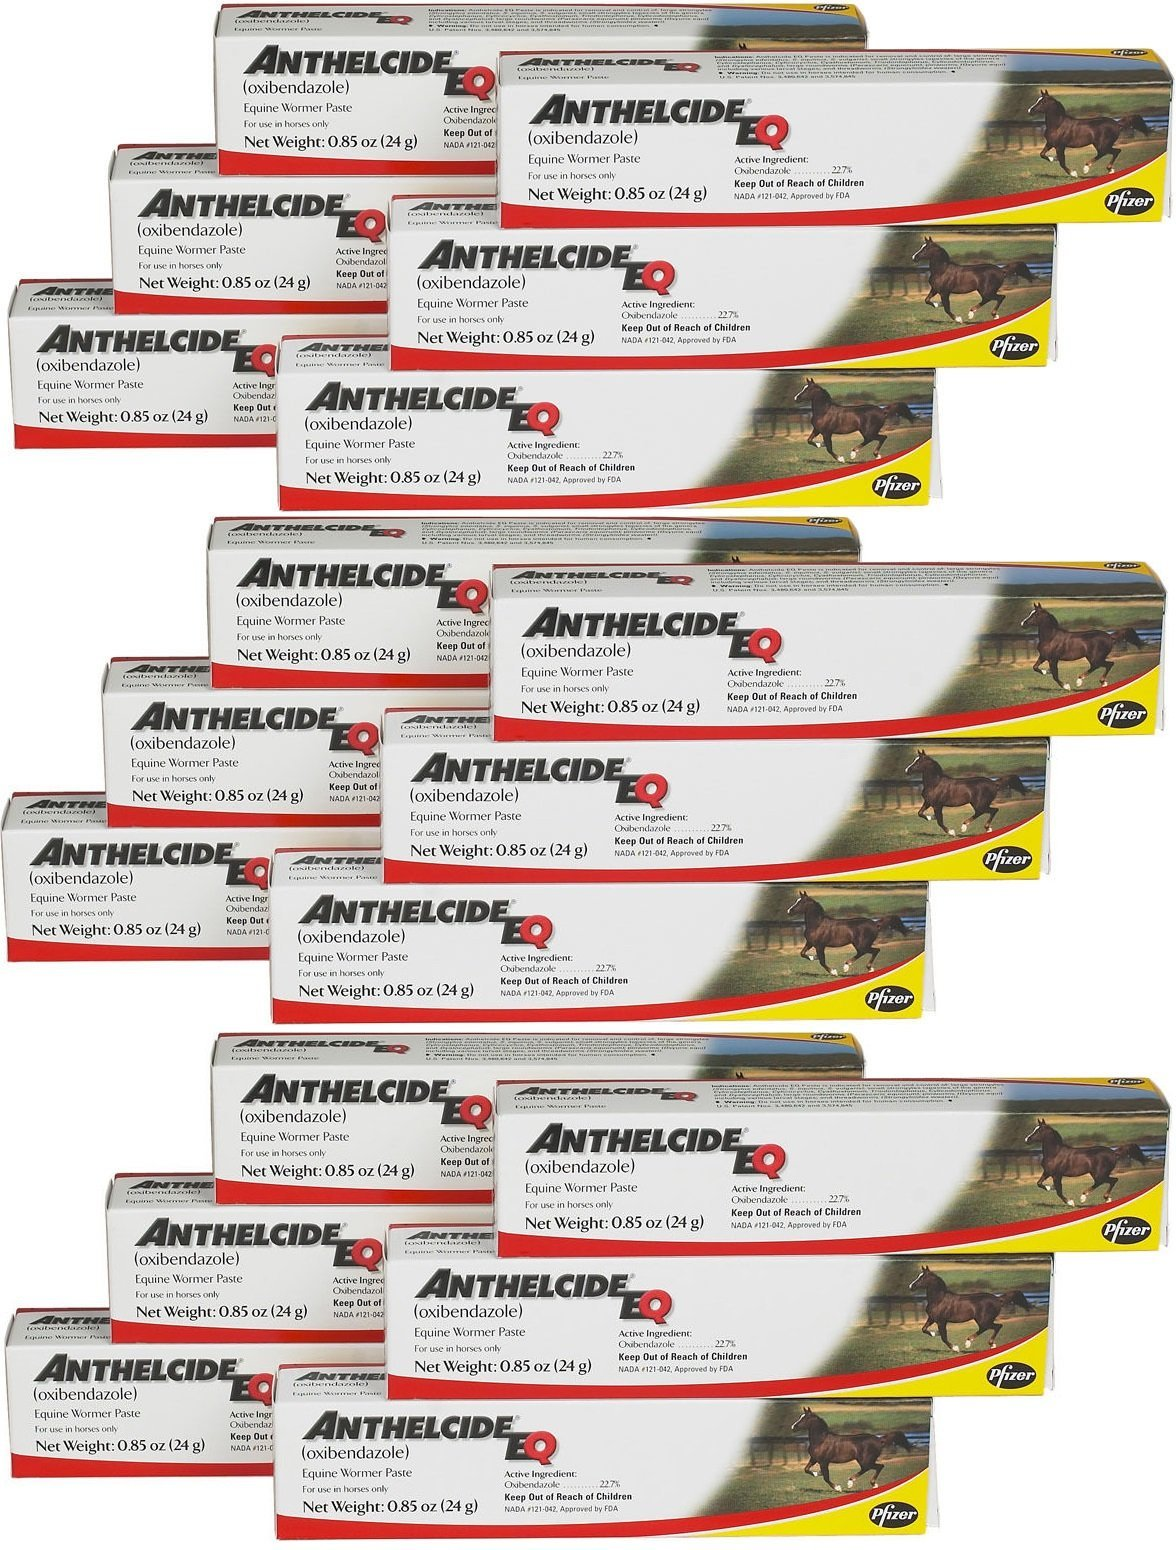 Pfizer Anthelcide EQ Equine Wormer Paste De-Wormer Horse (18 Tubes)